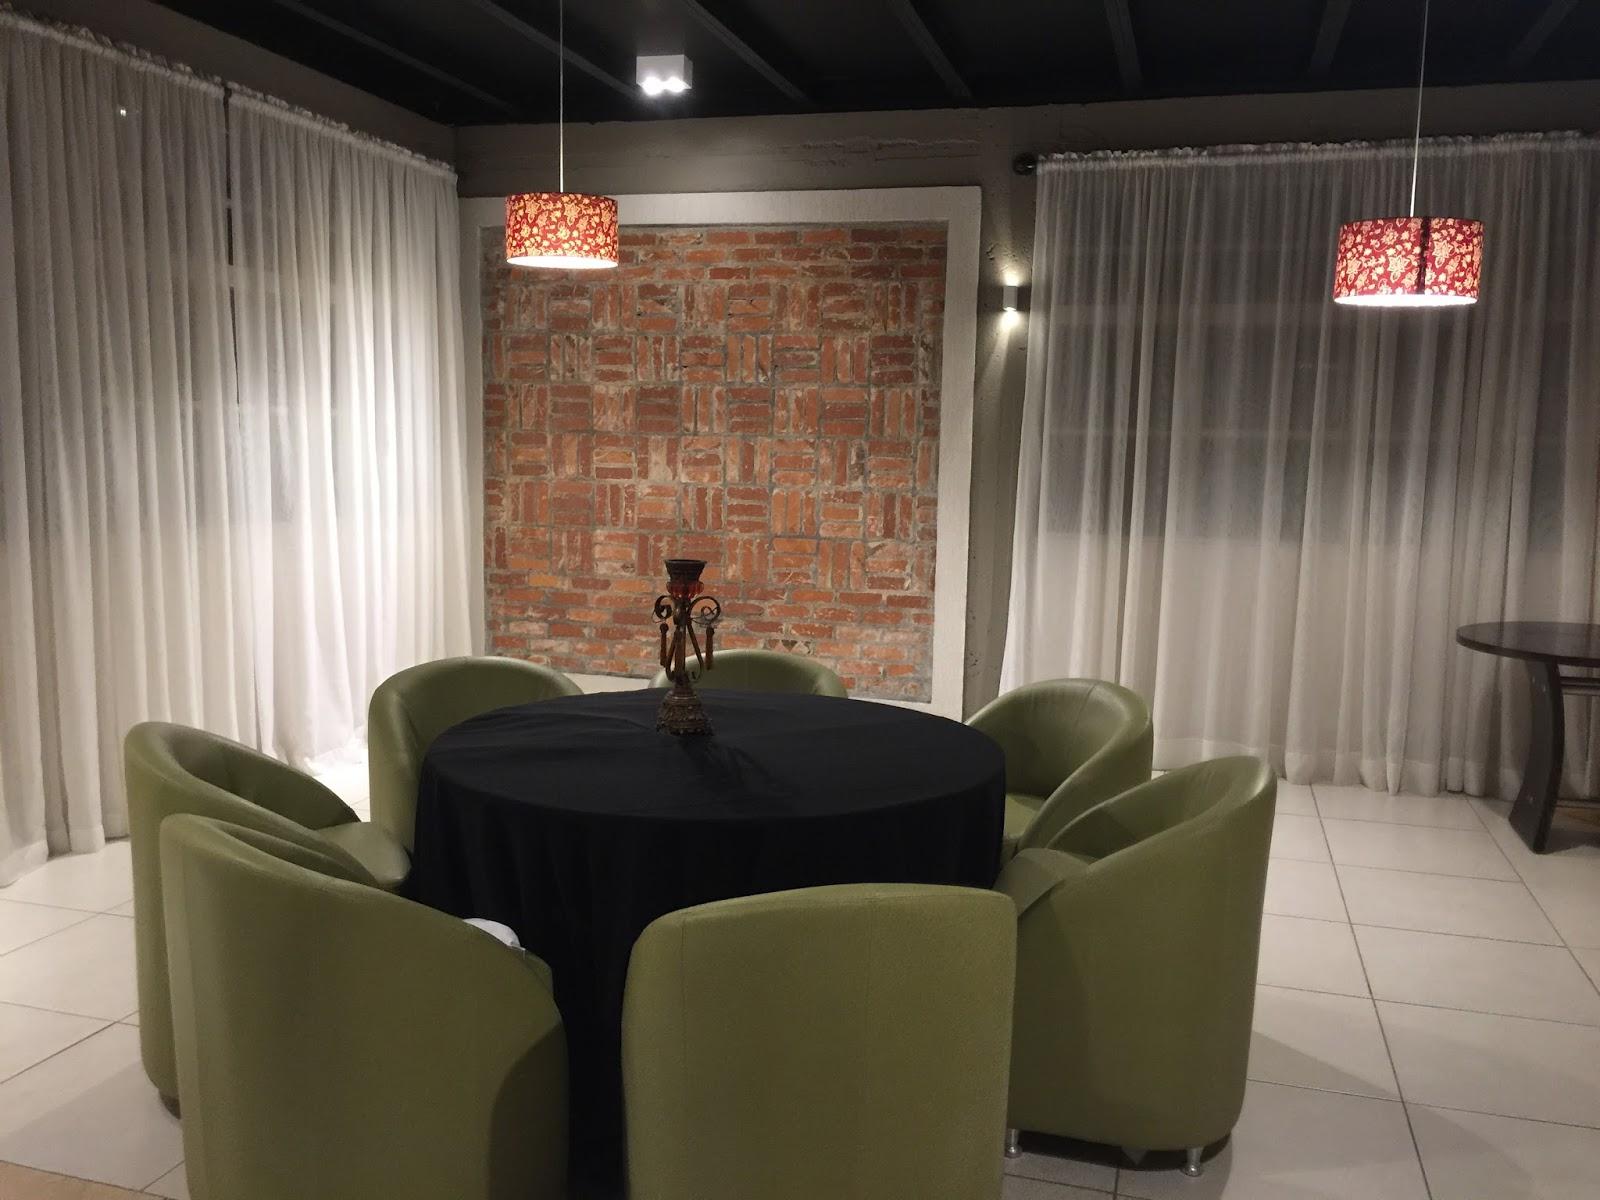 Sala da adega - Restaurante Don Claudino